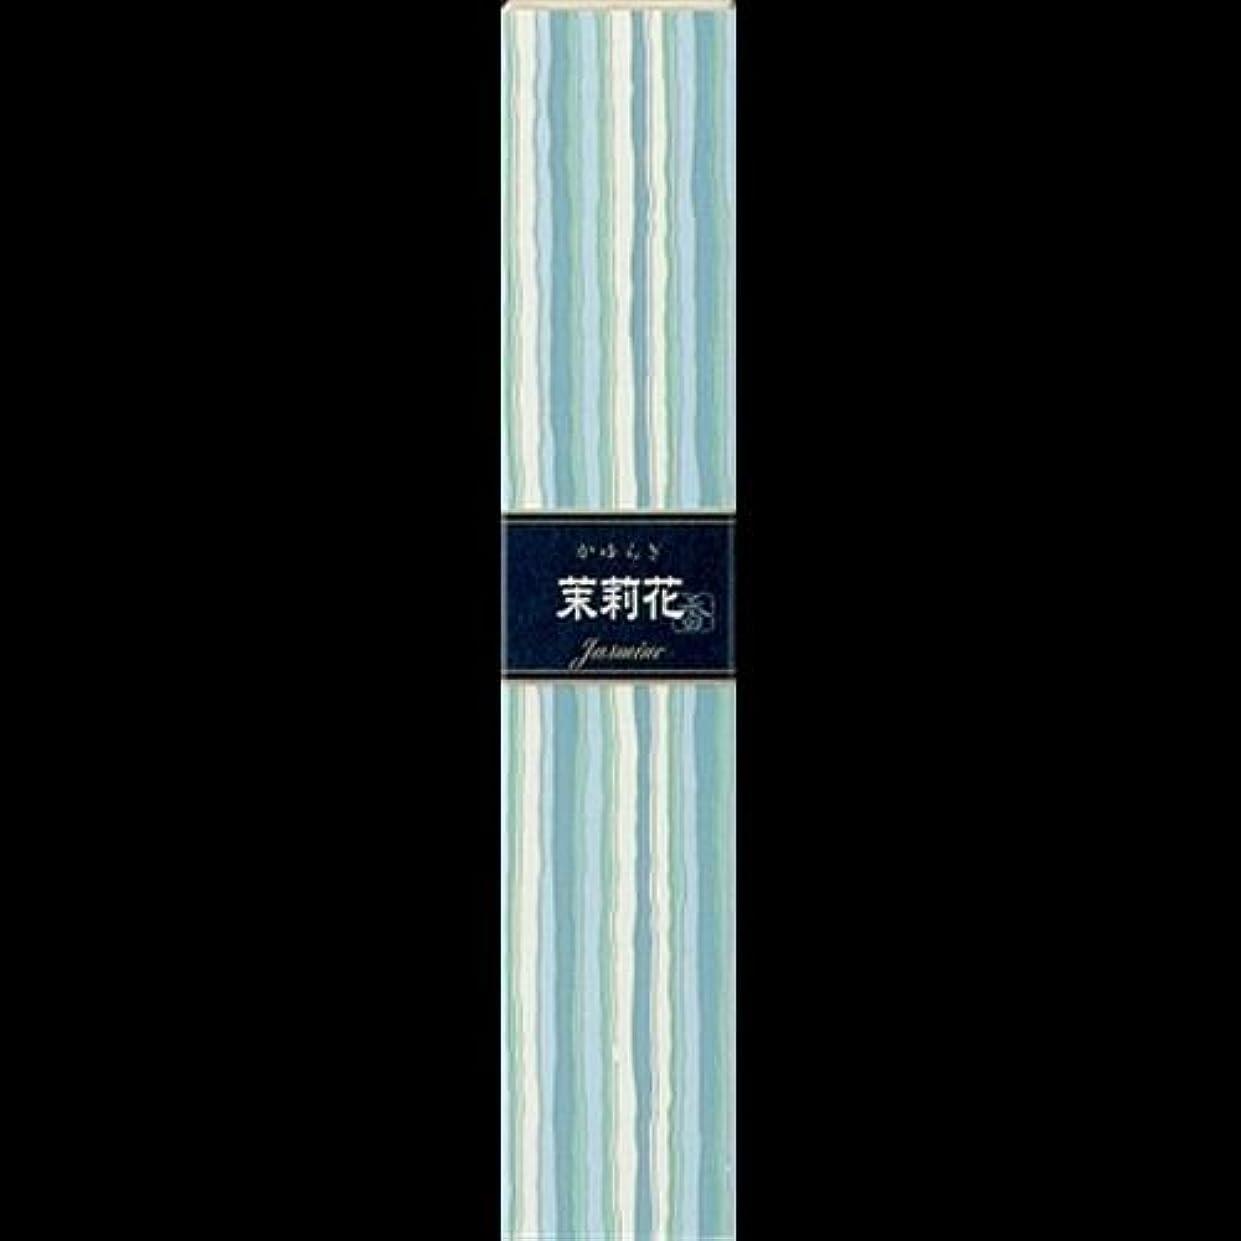 中世のリル脚本【まとめ買い】かゆらぎ 茉莉花(まつりか) ×2セット